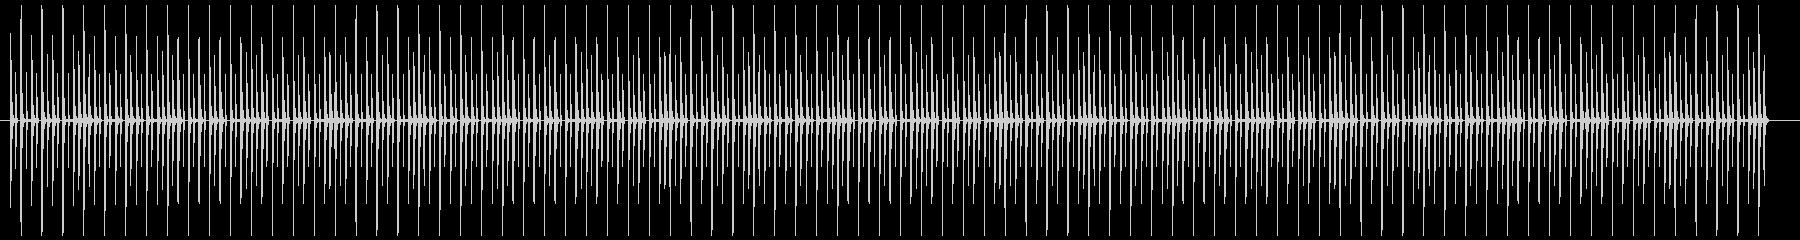 シンプルなドラムビートの未再生の波形